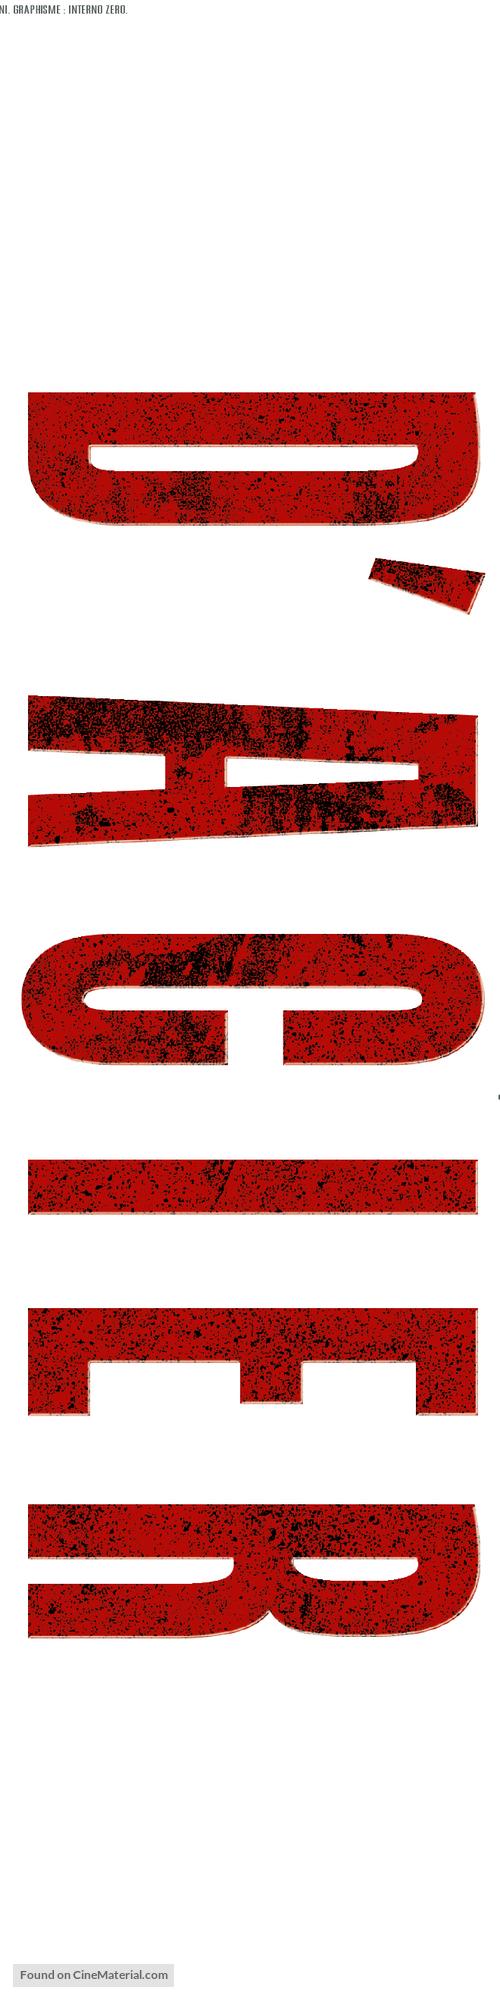 Acciaio - French Logo